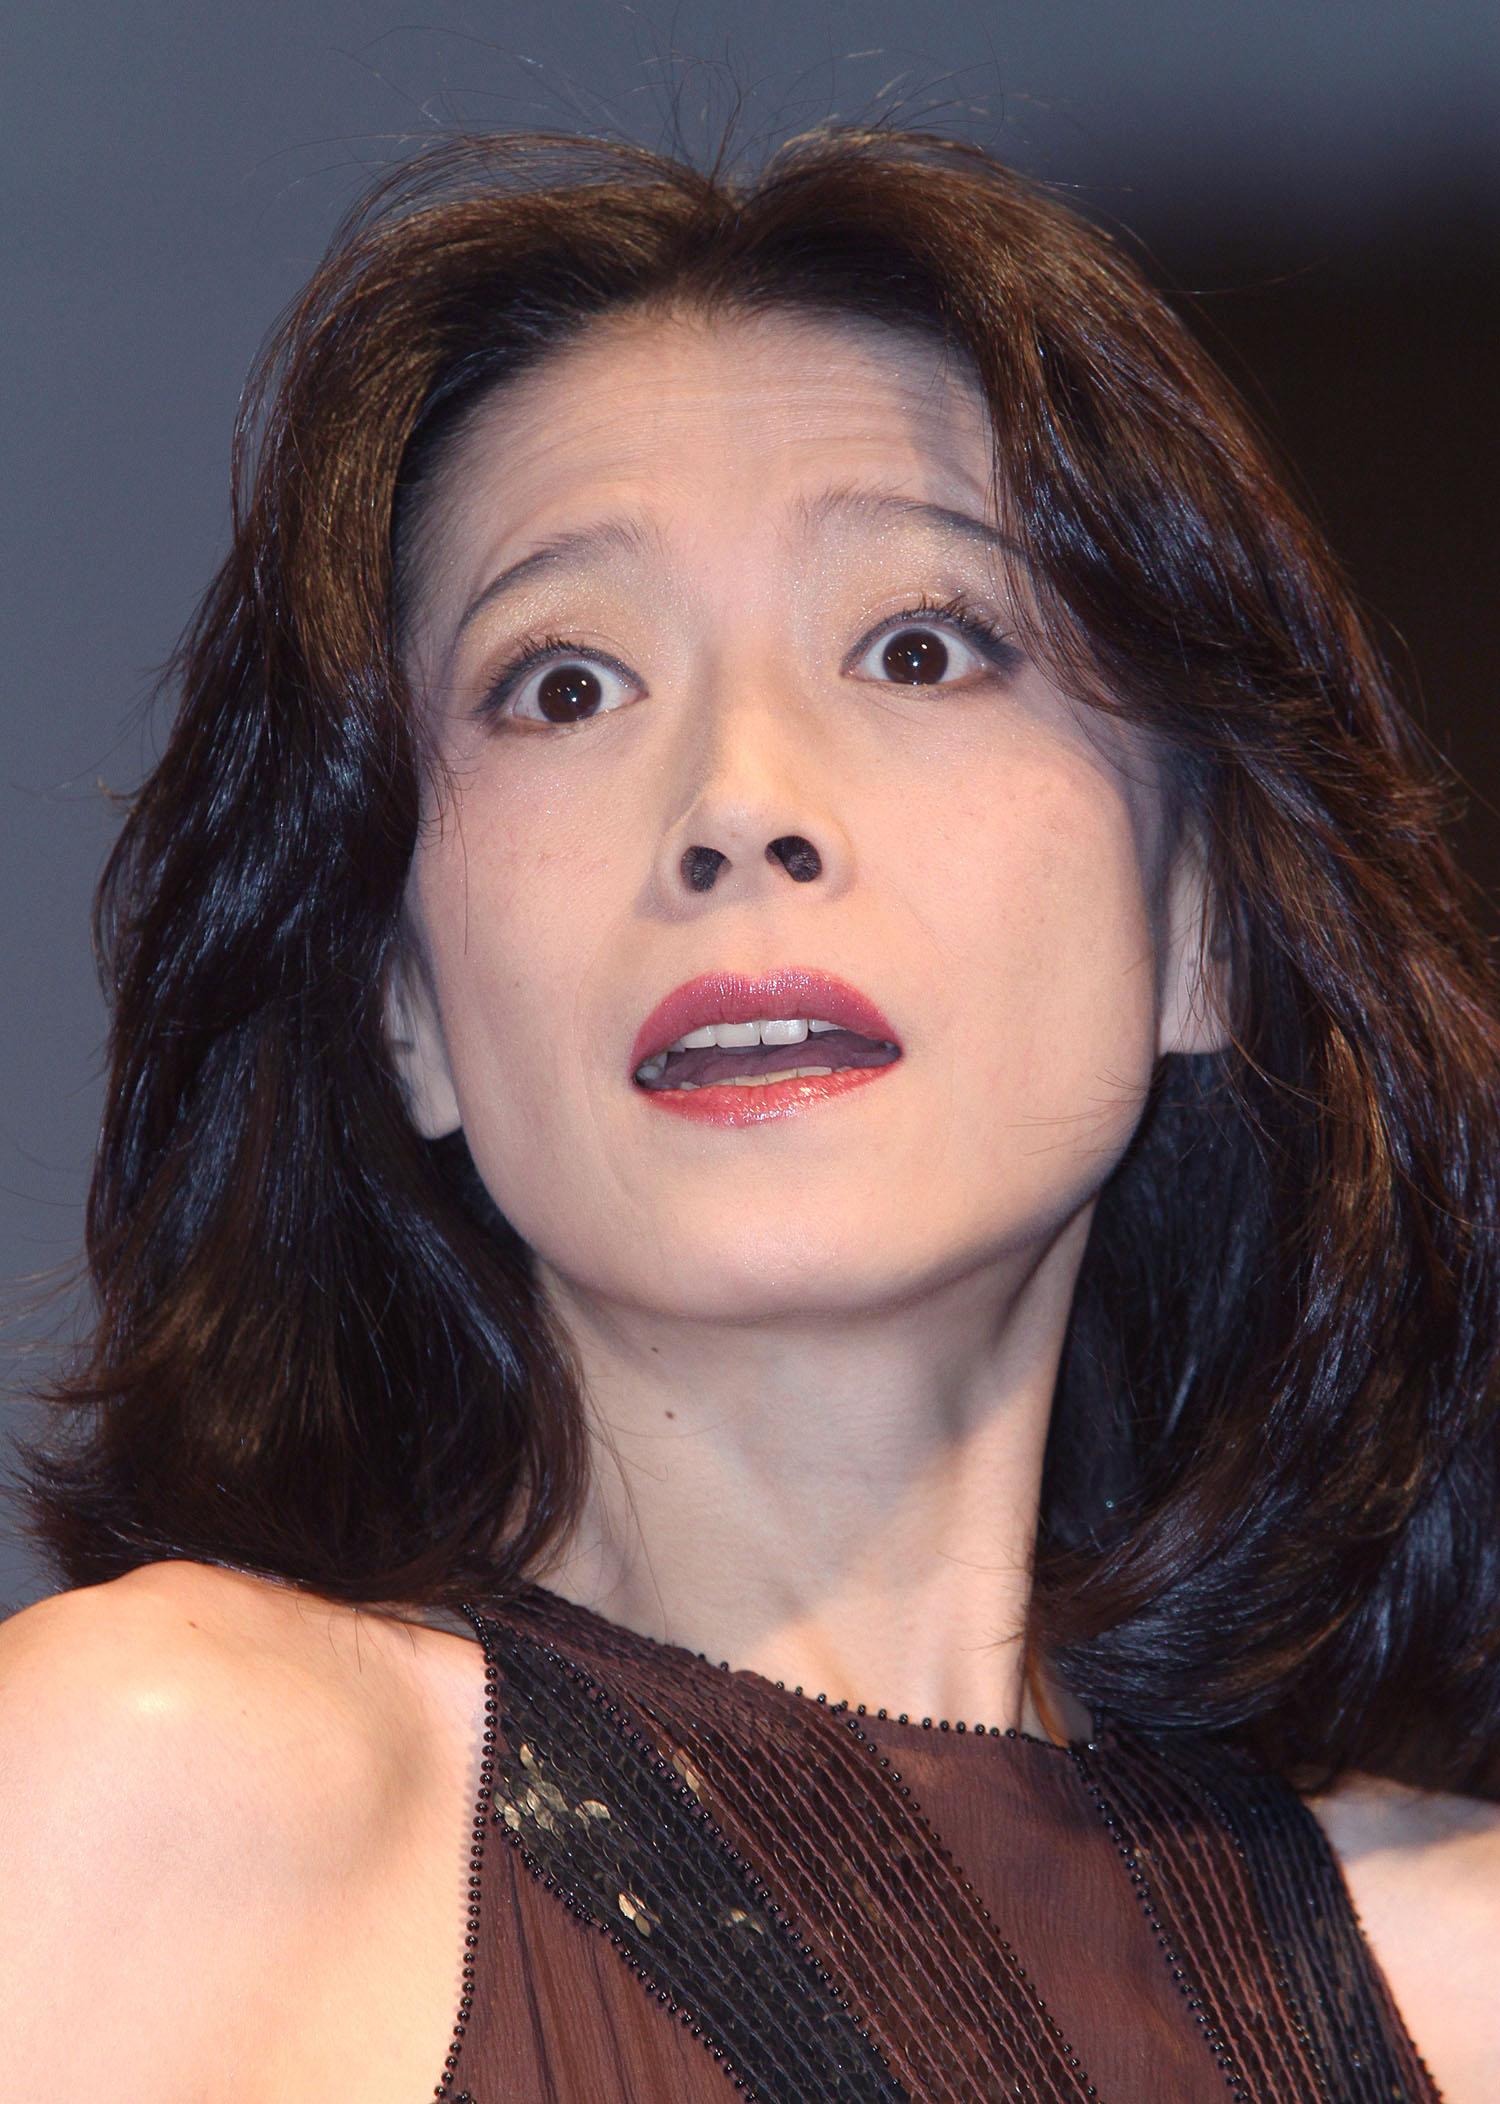 ファンはステージで歌う明菜を待ち望んでいる(C)日刊ゲンダイ